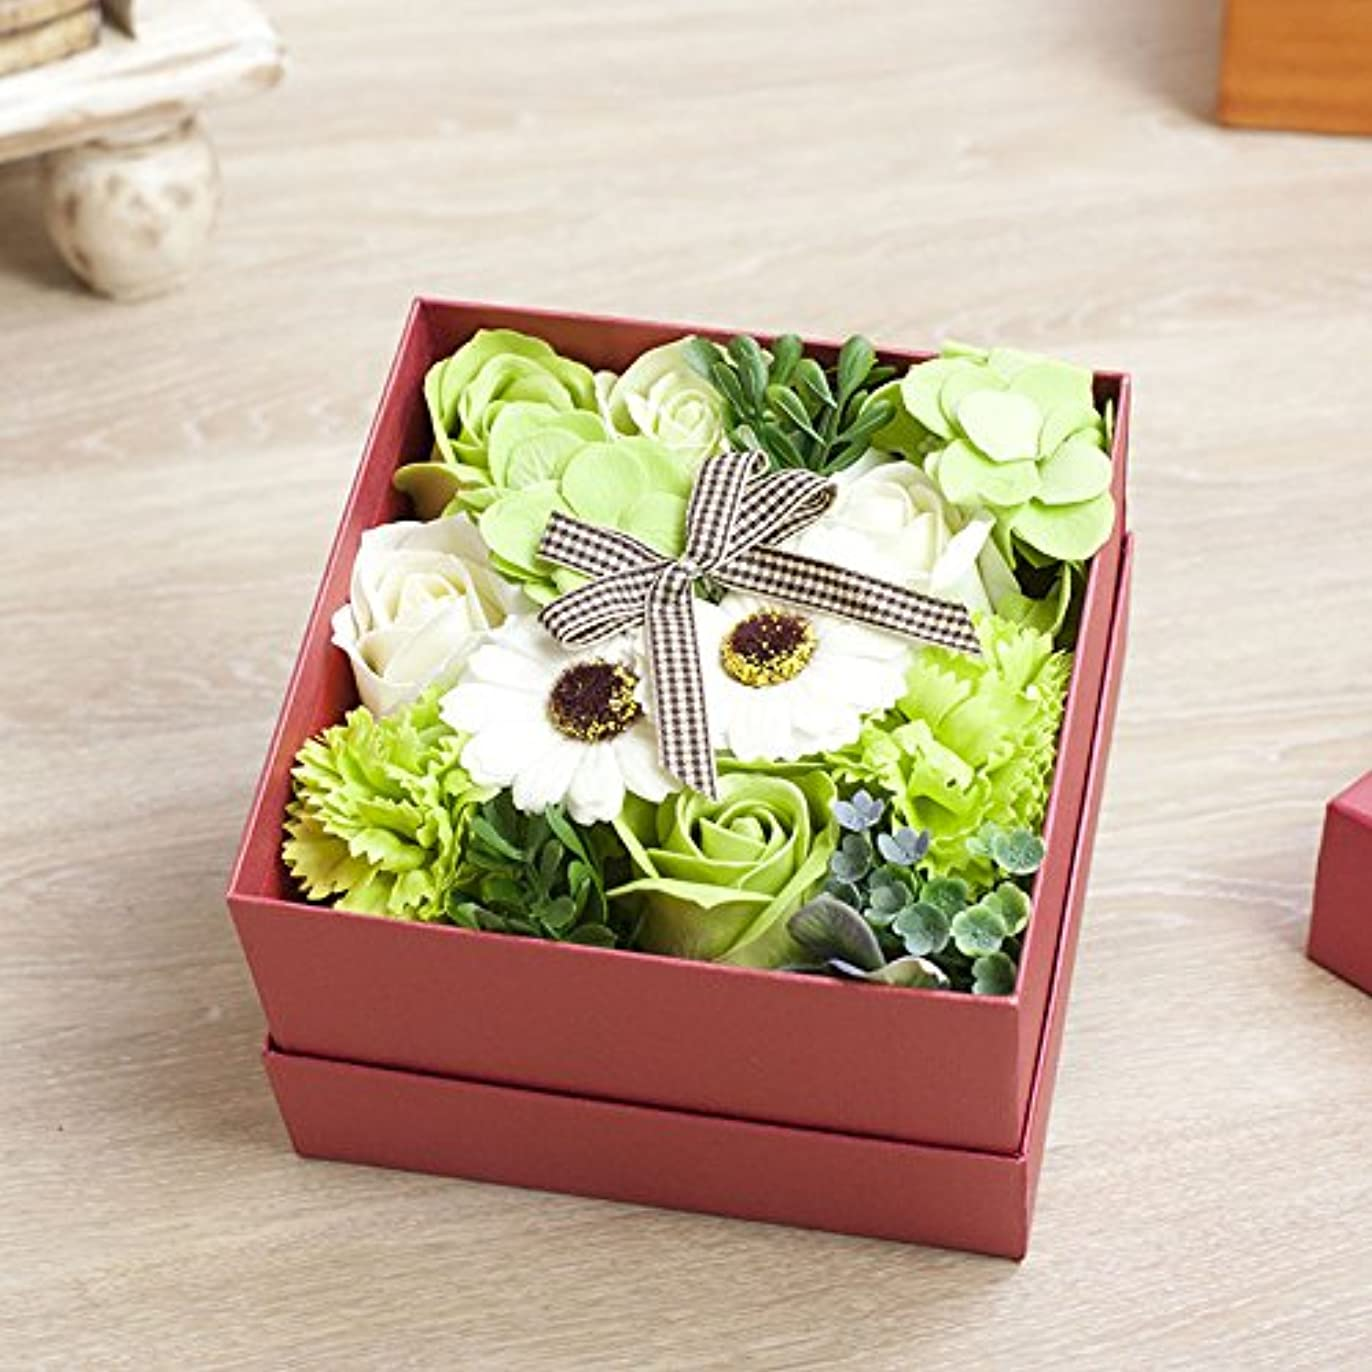 主張する爵教室花のカタチの入浴料!フラワーフレグランスボックス ピンクボックス